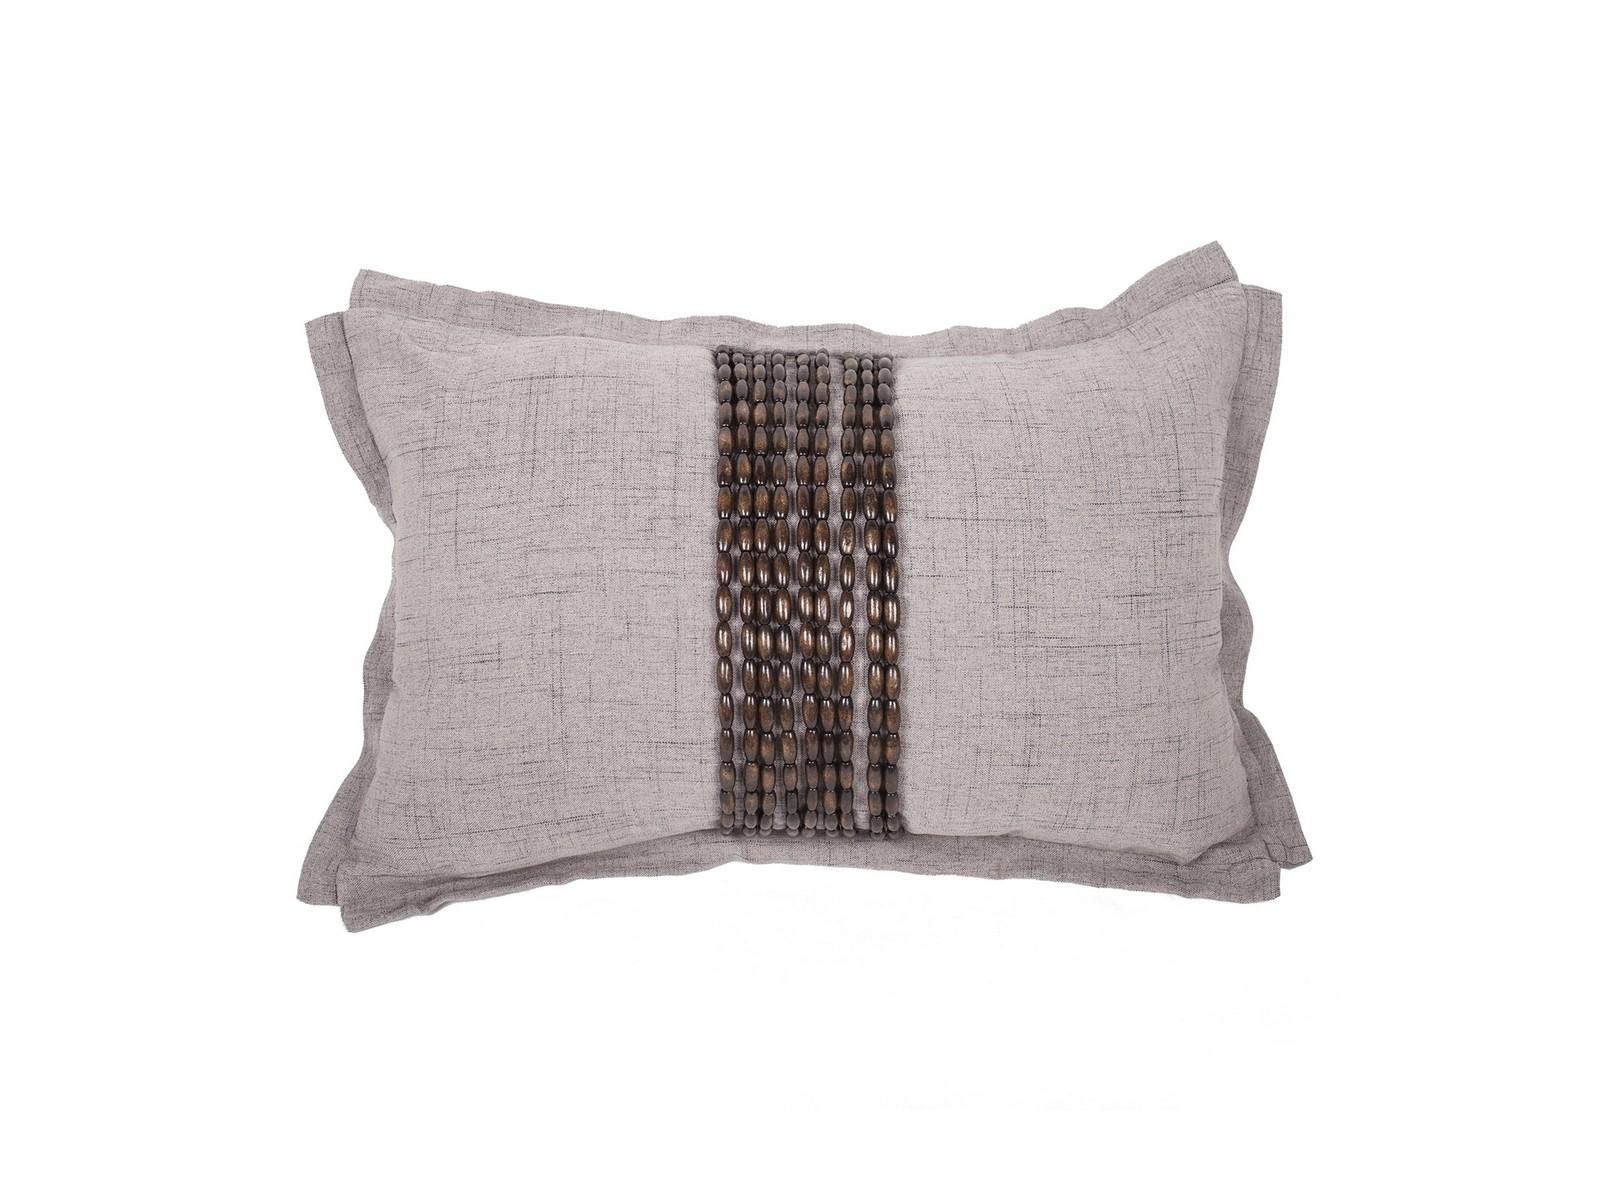 Декоративная подушка Handwork ExclusiveПрямоугольные подушки и наволочки<br>Ручное декорирование.<br><br>Material: Лен<br>Width см: 45<br>Depth см: 4<br>Height см: 30